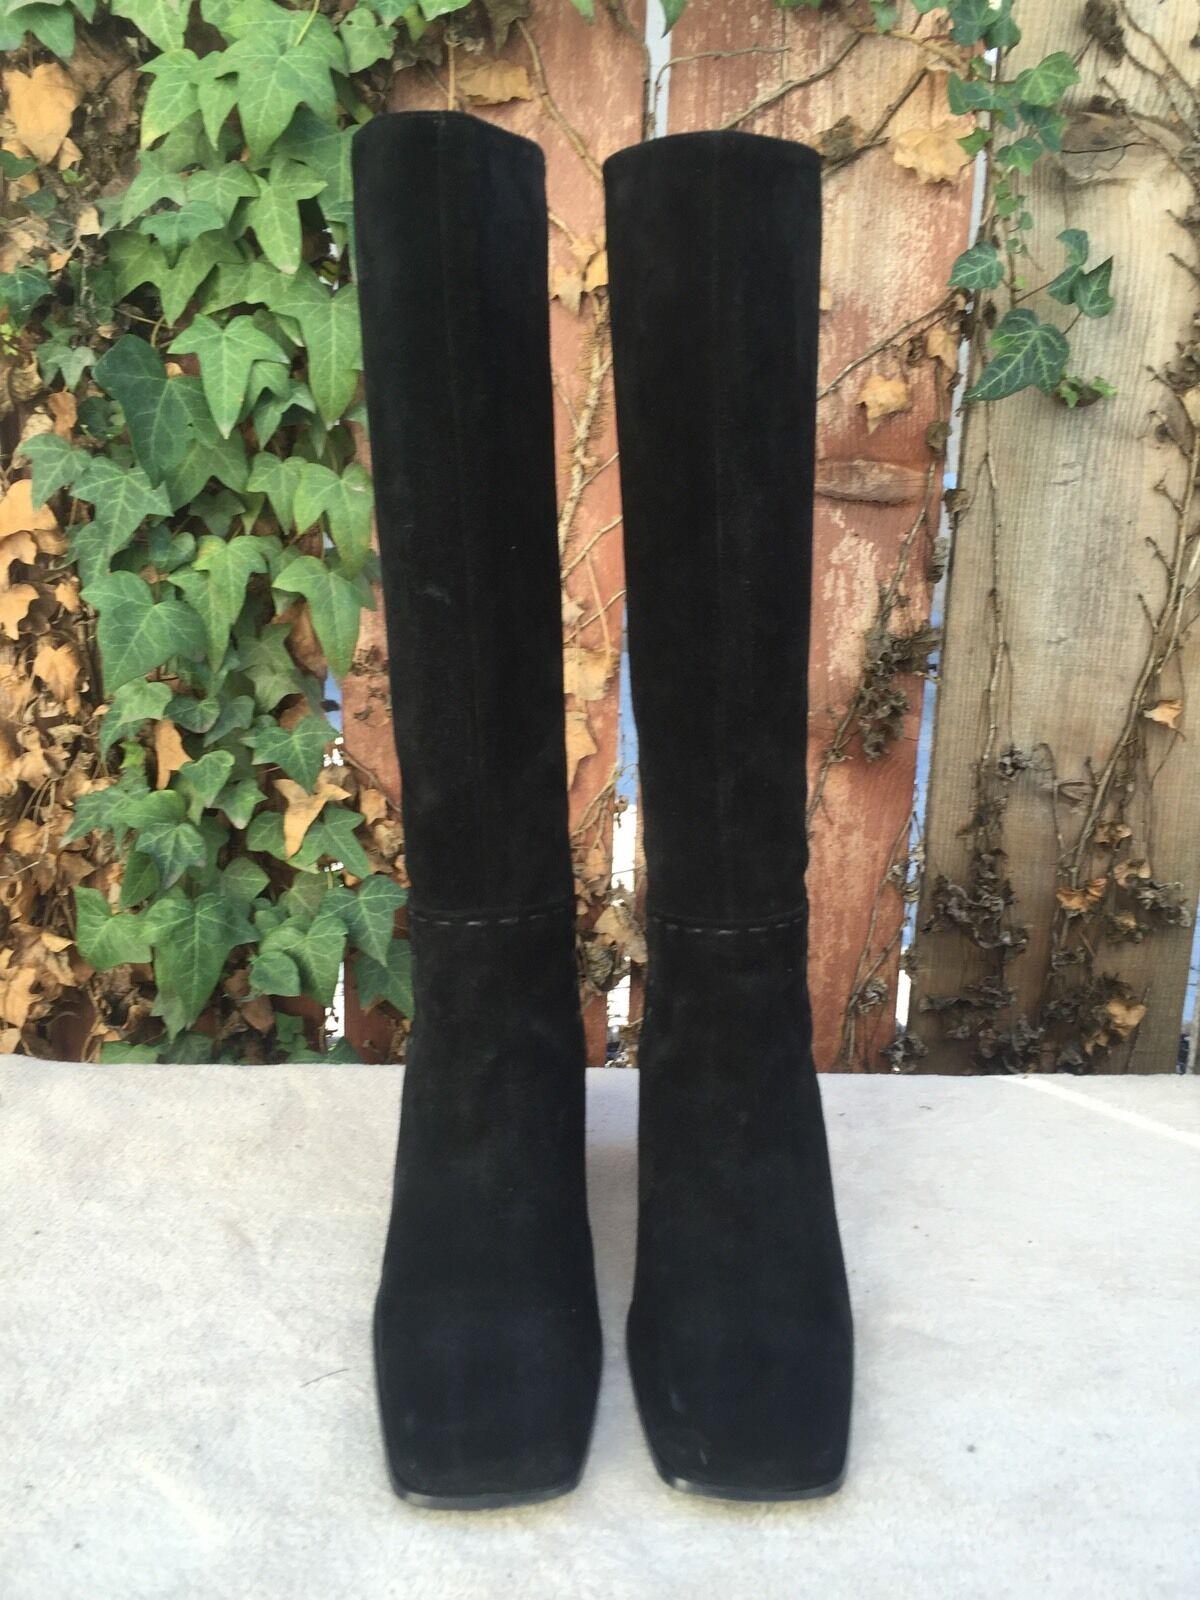 Barneys New York Co op de de de cuero negro la Rodilla botas Altas EU Talla 36.5 EE. UU. 6.5  se descuenta